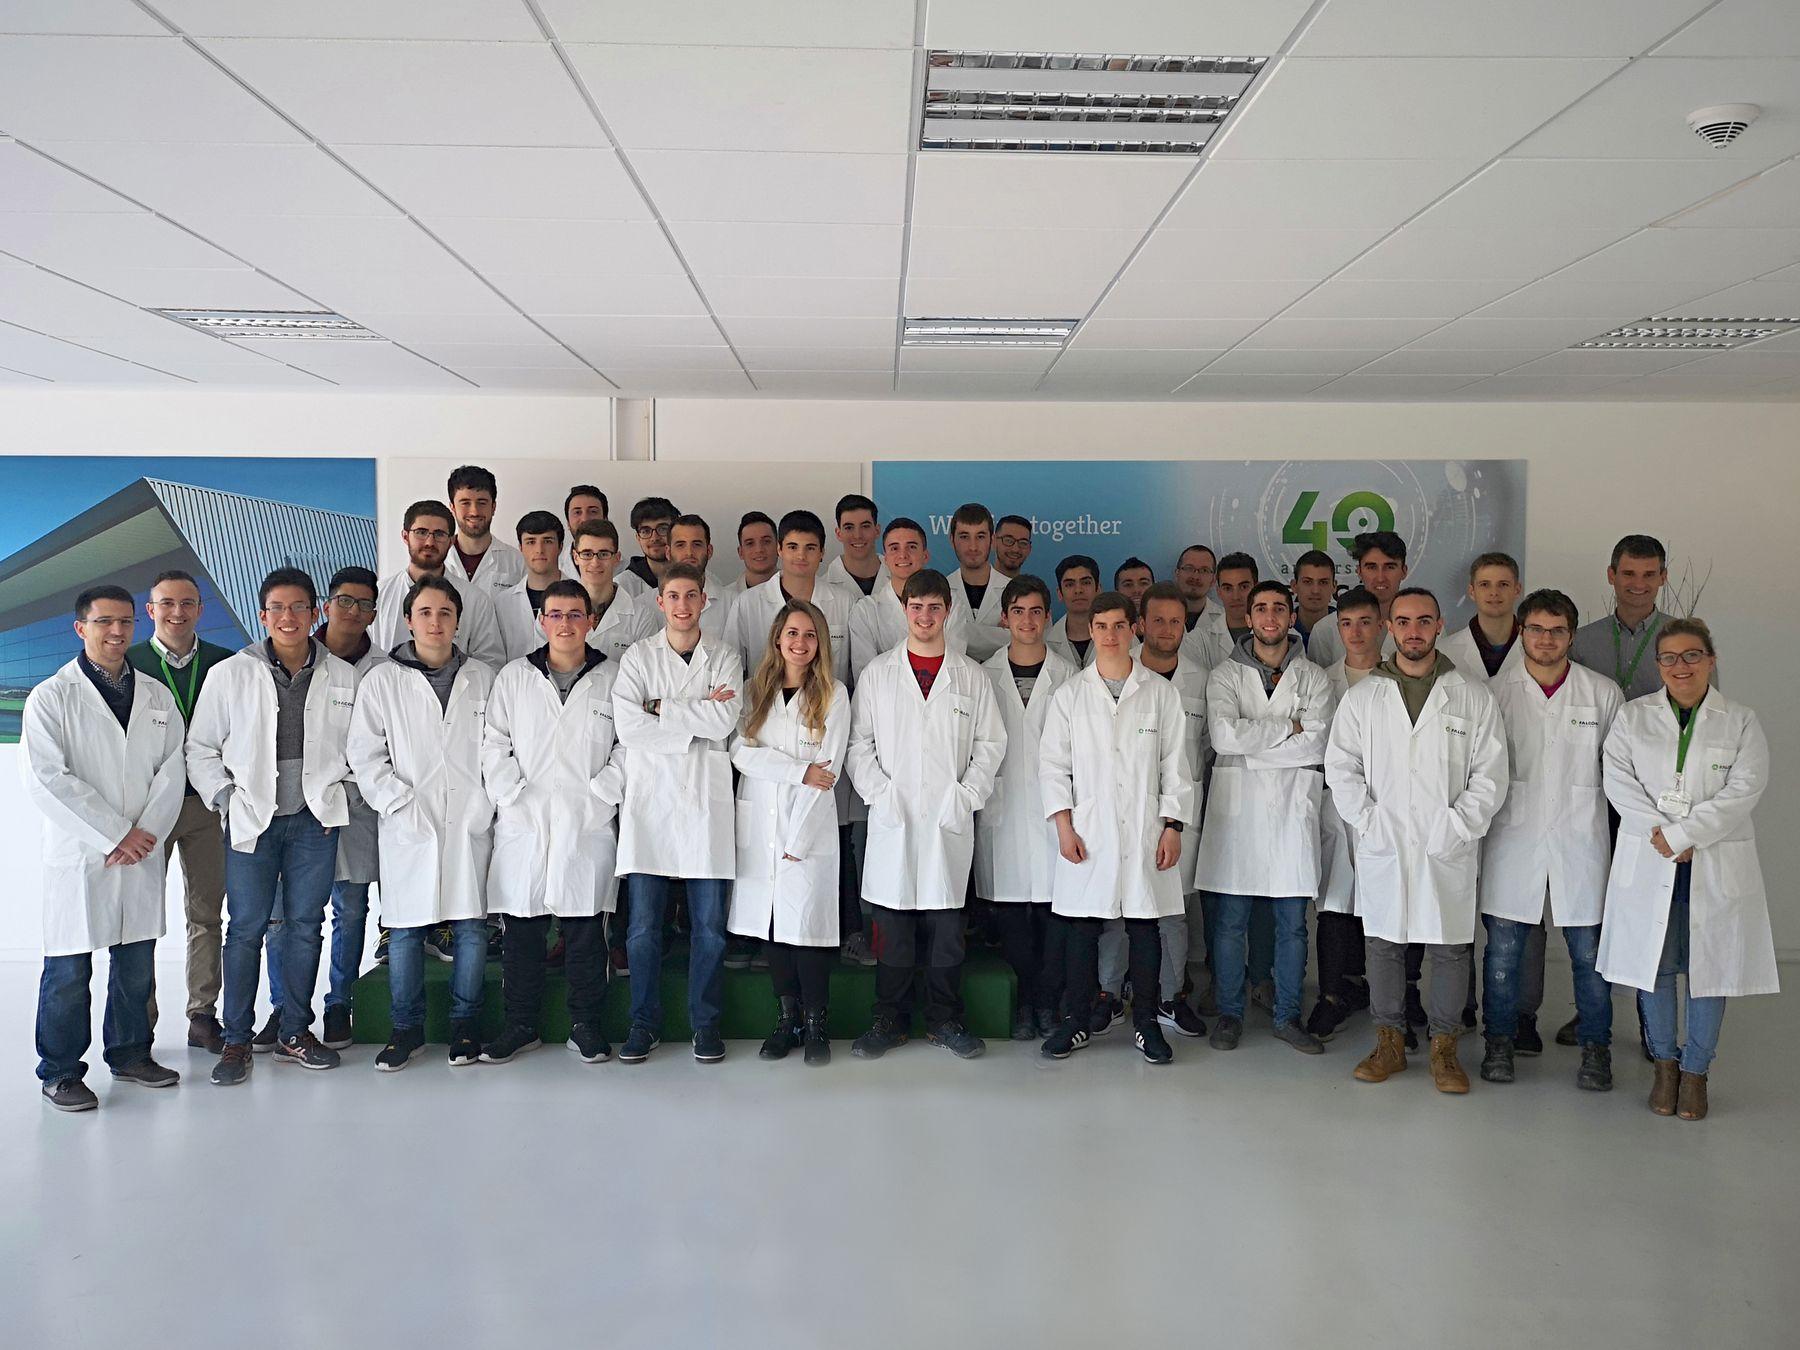 Los estudiantes de los grados en Ingeniería Eléctrica y Electrónica y en Ingeniería en Tecnologías Industriales de la UPNA posan en las instalaciones de Falcón Electrónica.